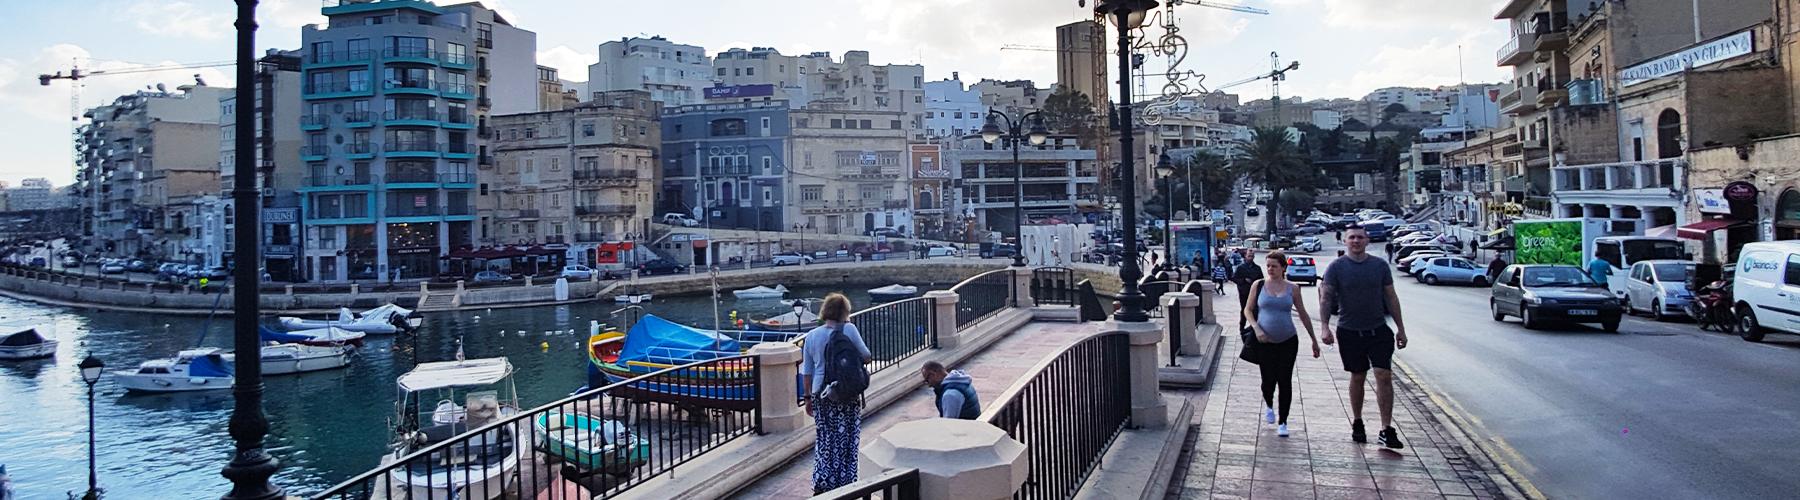 Malta'da yaşam ve eğitim iç içedir. Dil Okulları tüm sosyal alanlara yayılmıştır.